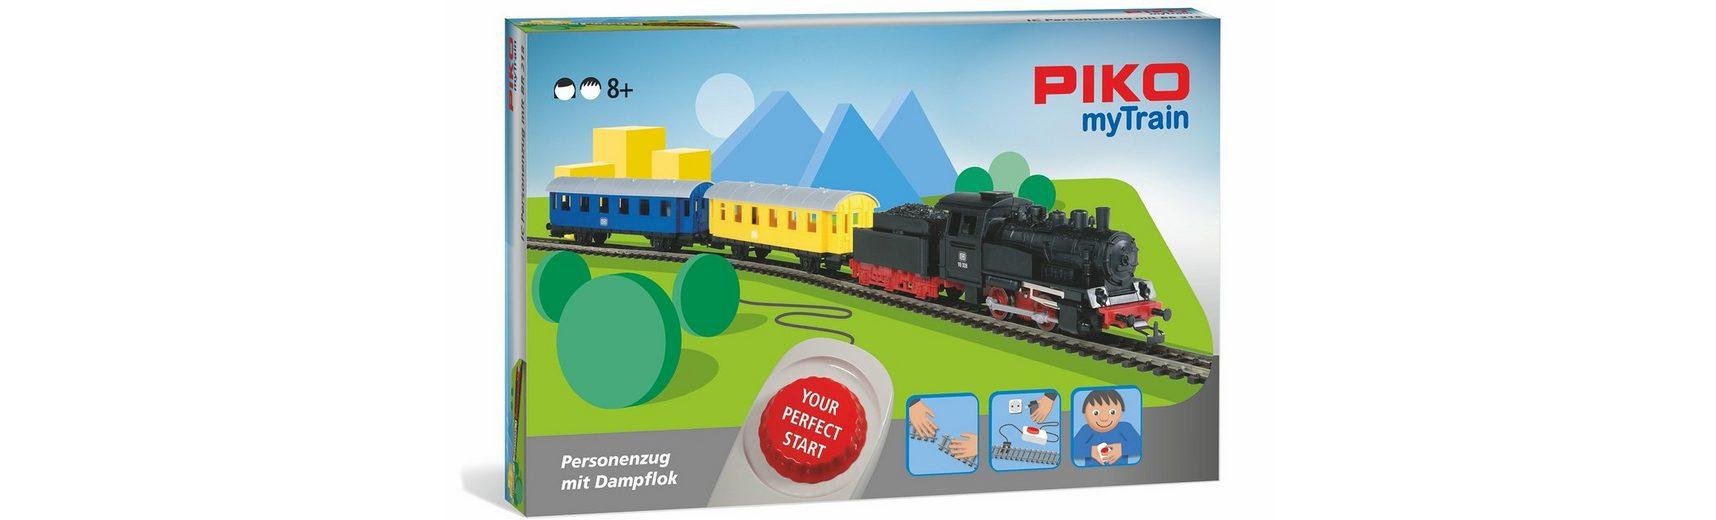 PIKO Modelleisenbahn Startset, »PIKO myTrain Set, Personenzug + Dampflok - Gleichstrom« Spur H0